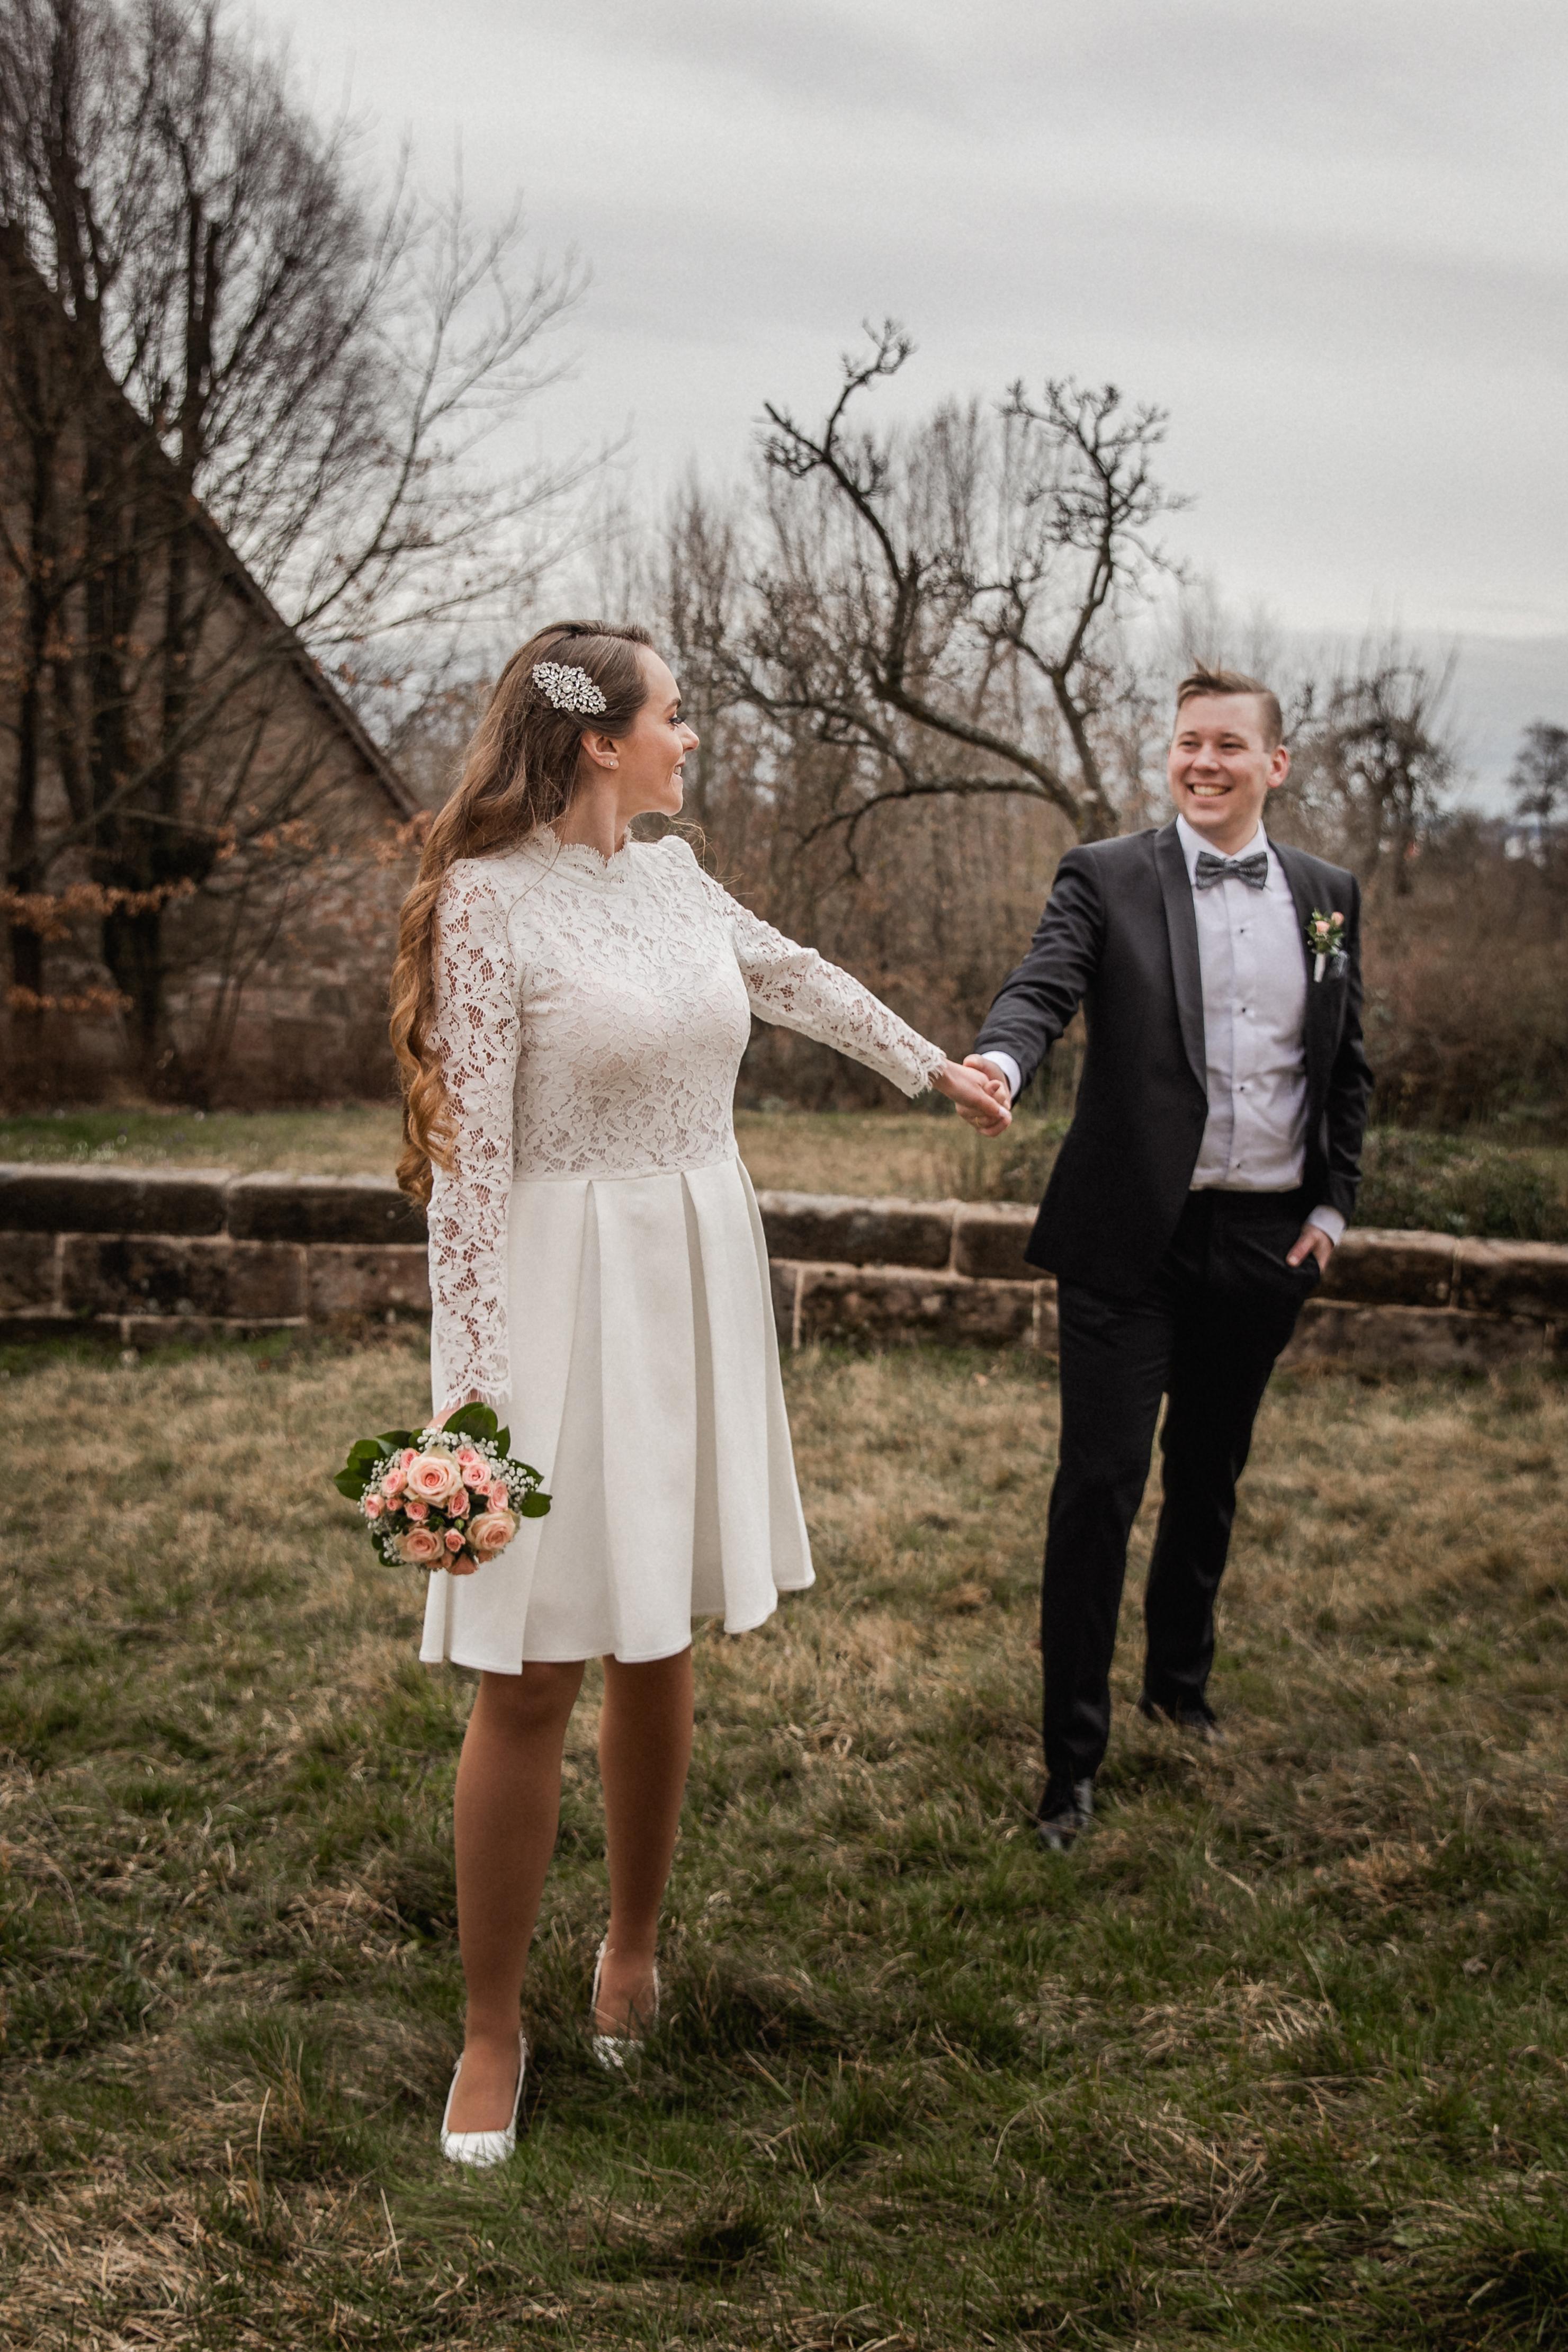 Hochzeitsfotograf-Grossgruendlach-Standesamt-Hallerschloss-Urbanerie-Stazija-und-Michael-097